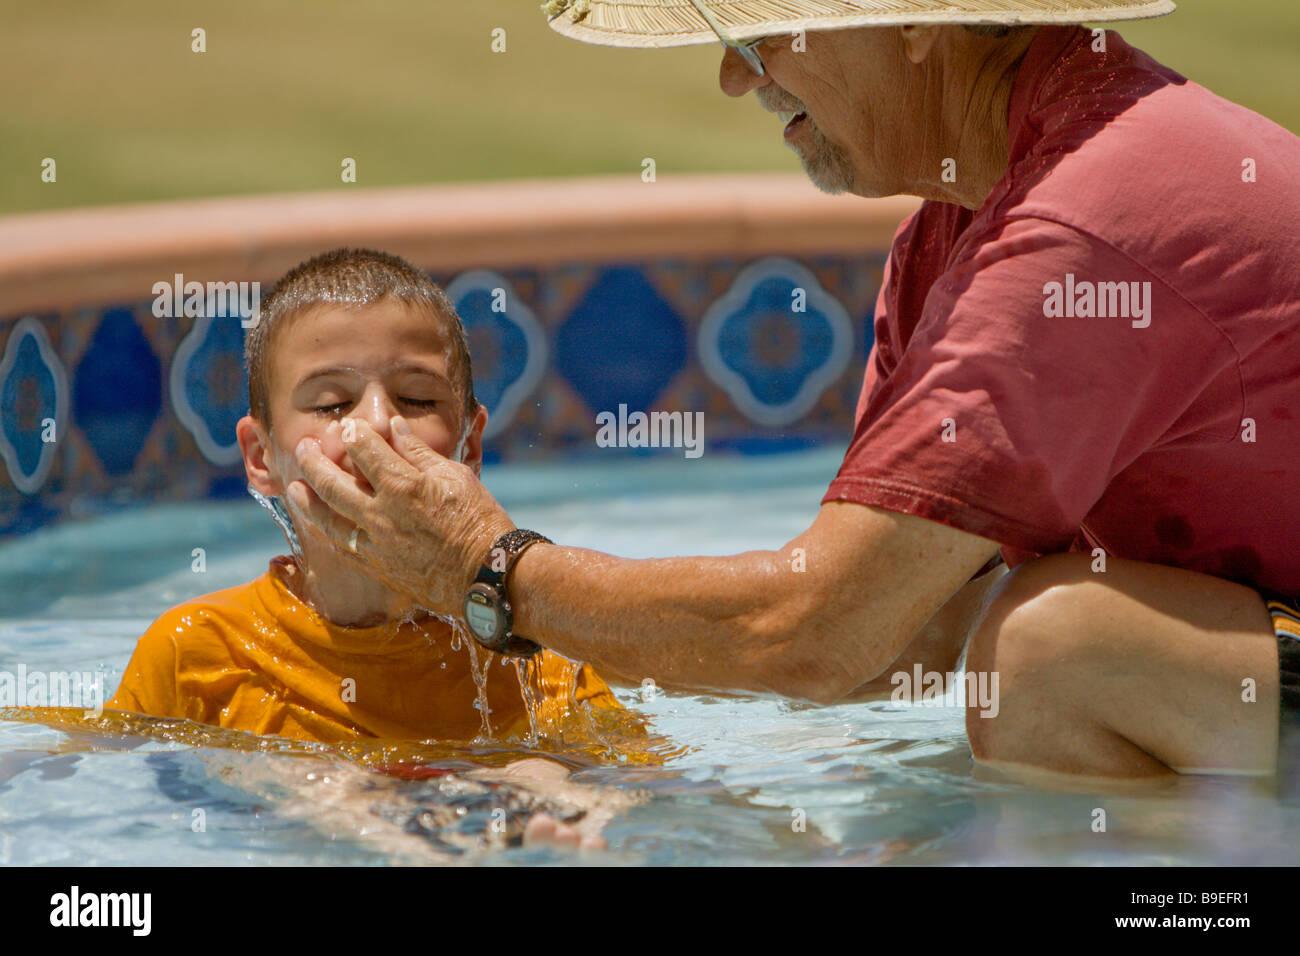 Le pasteur baptisant un garçon Photo Stock